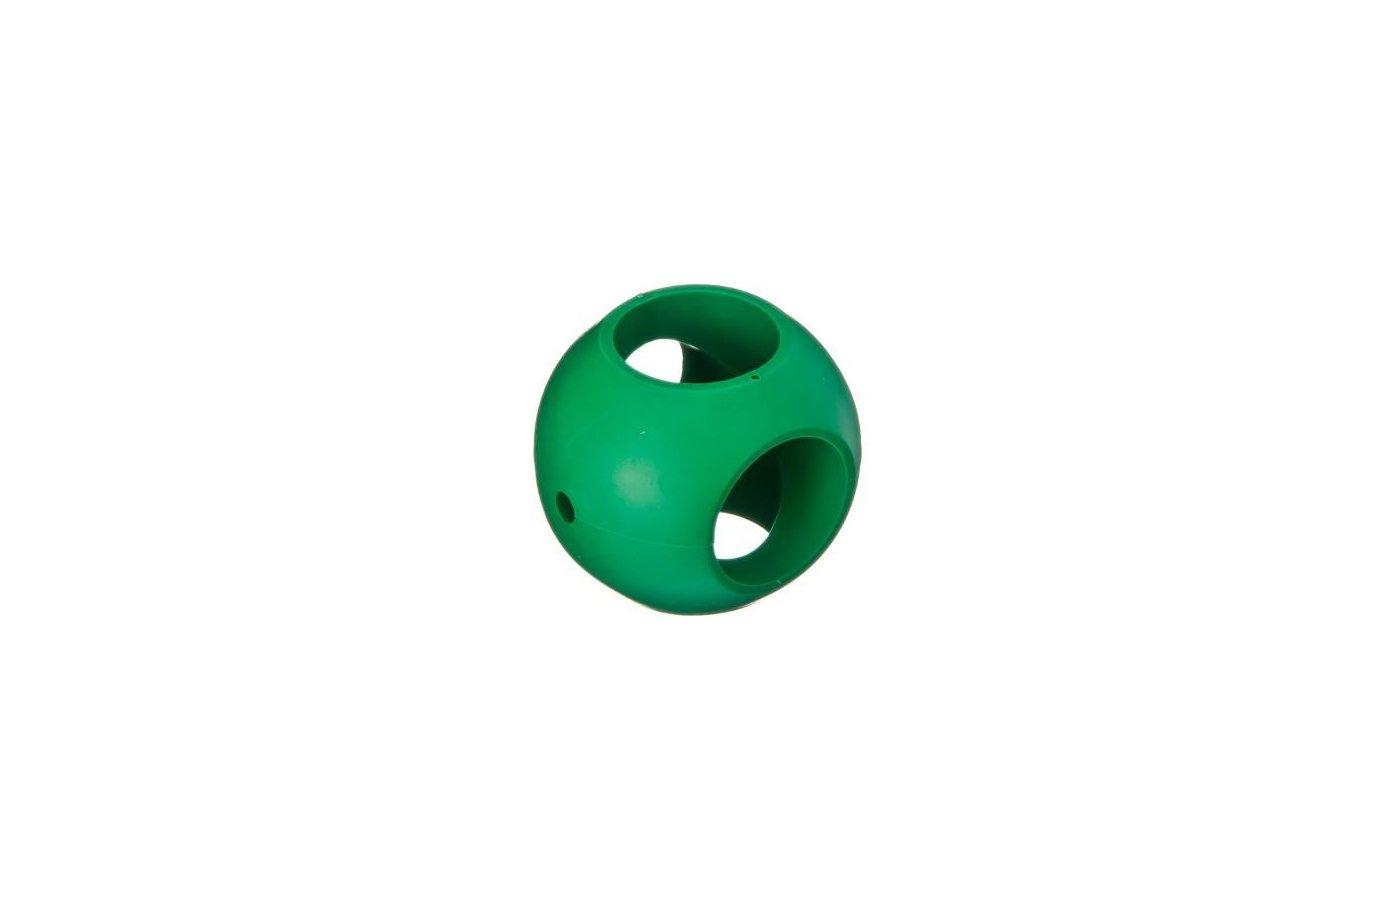 Средства для стирки и от накипи Шар магнитный для стирки, пластик, 5х5см452-024